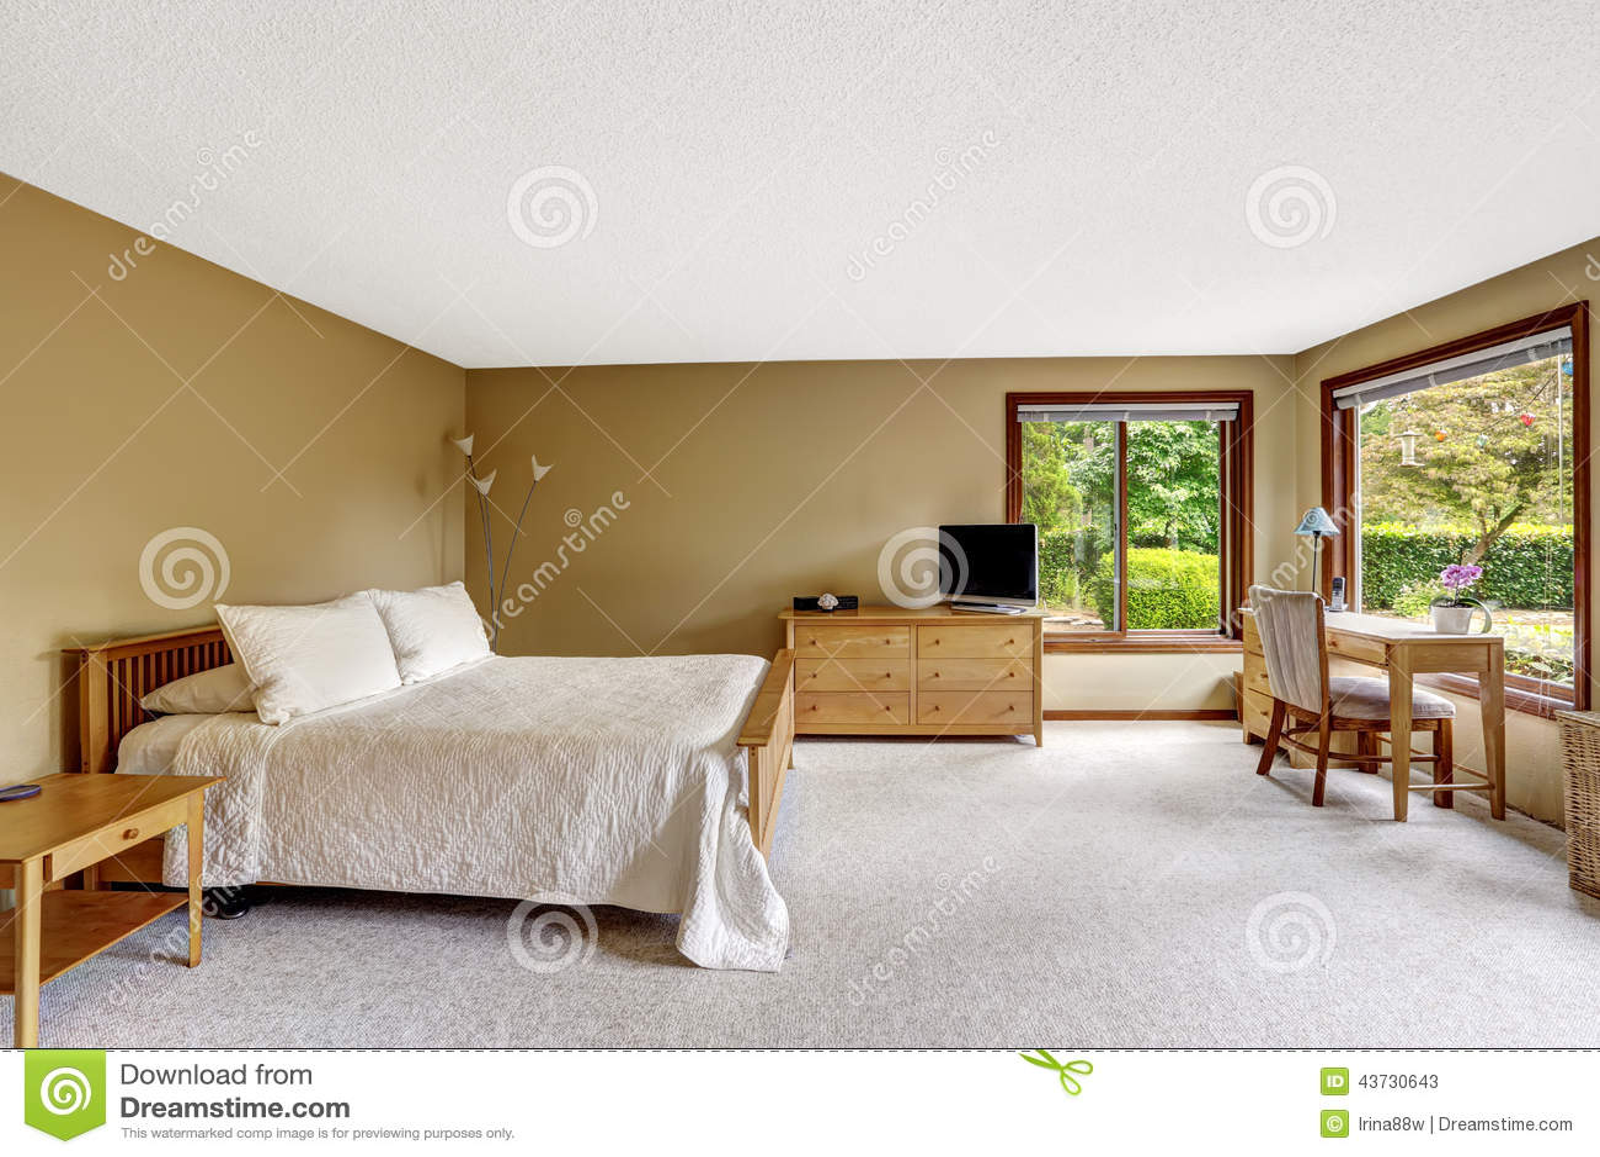 Chambre A Coucher Avec L Ensemble En Bois De Meubles Image Stock